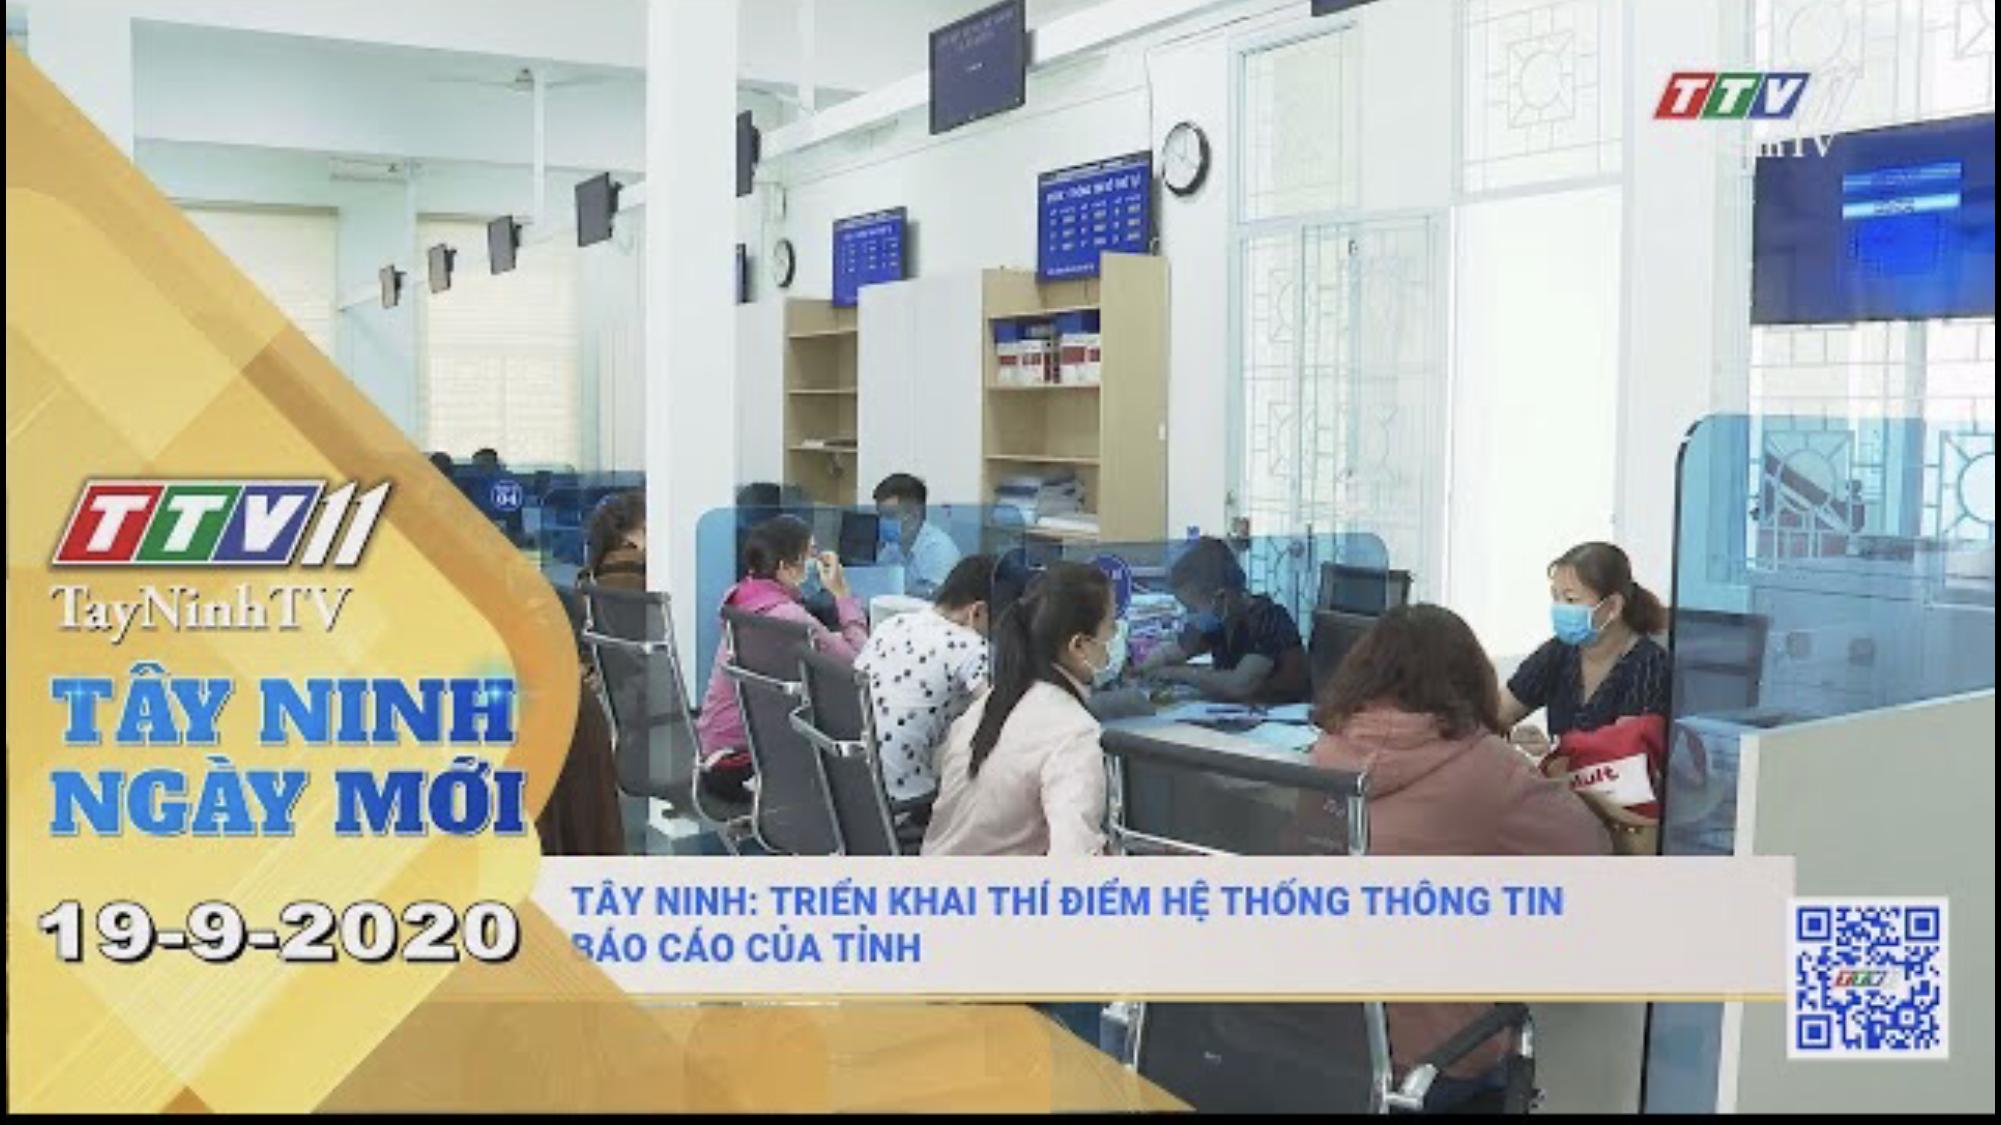 Tây Ninh Ngày Mới 19-9-2020 | Tin tức hôm nay | TayNinhTV